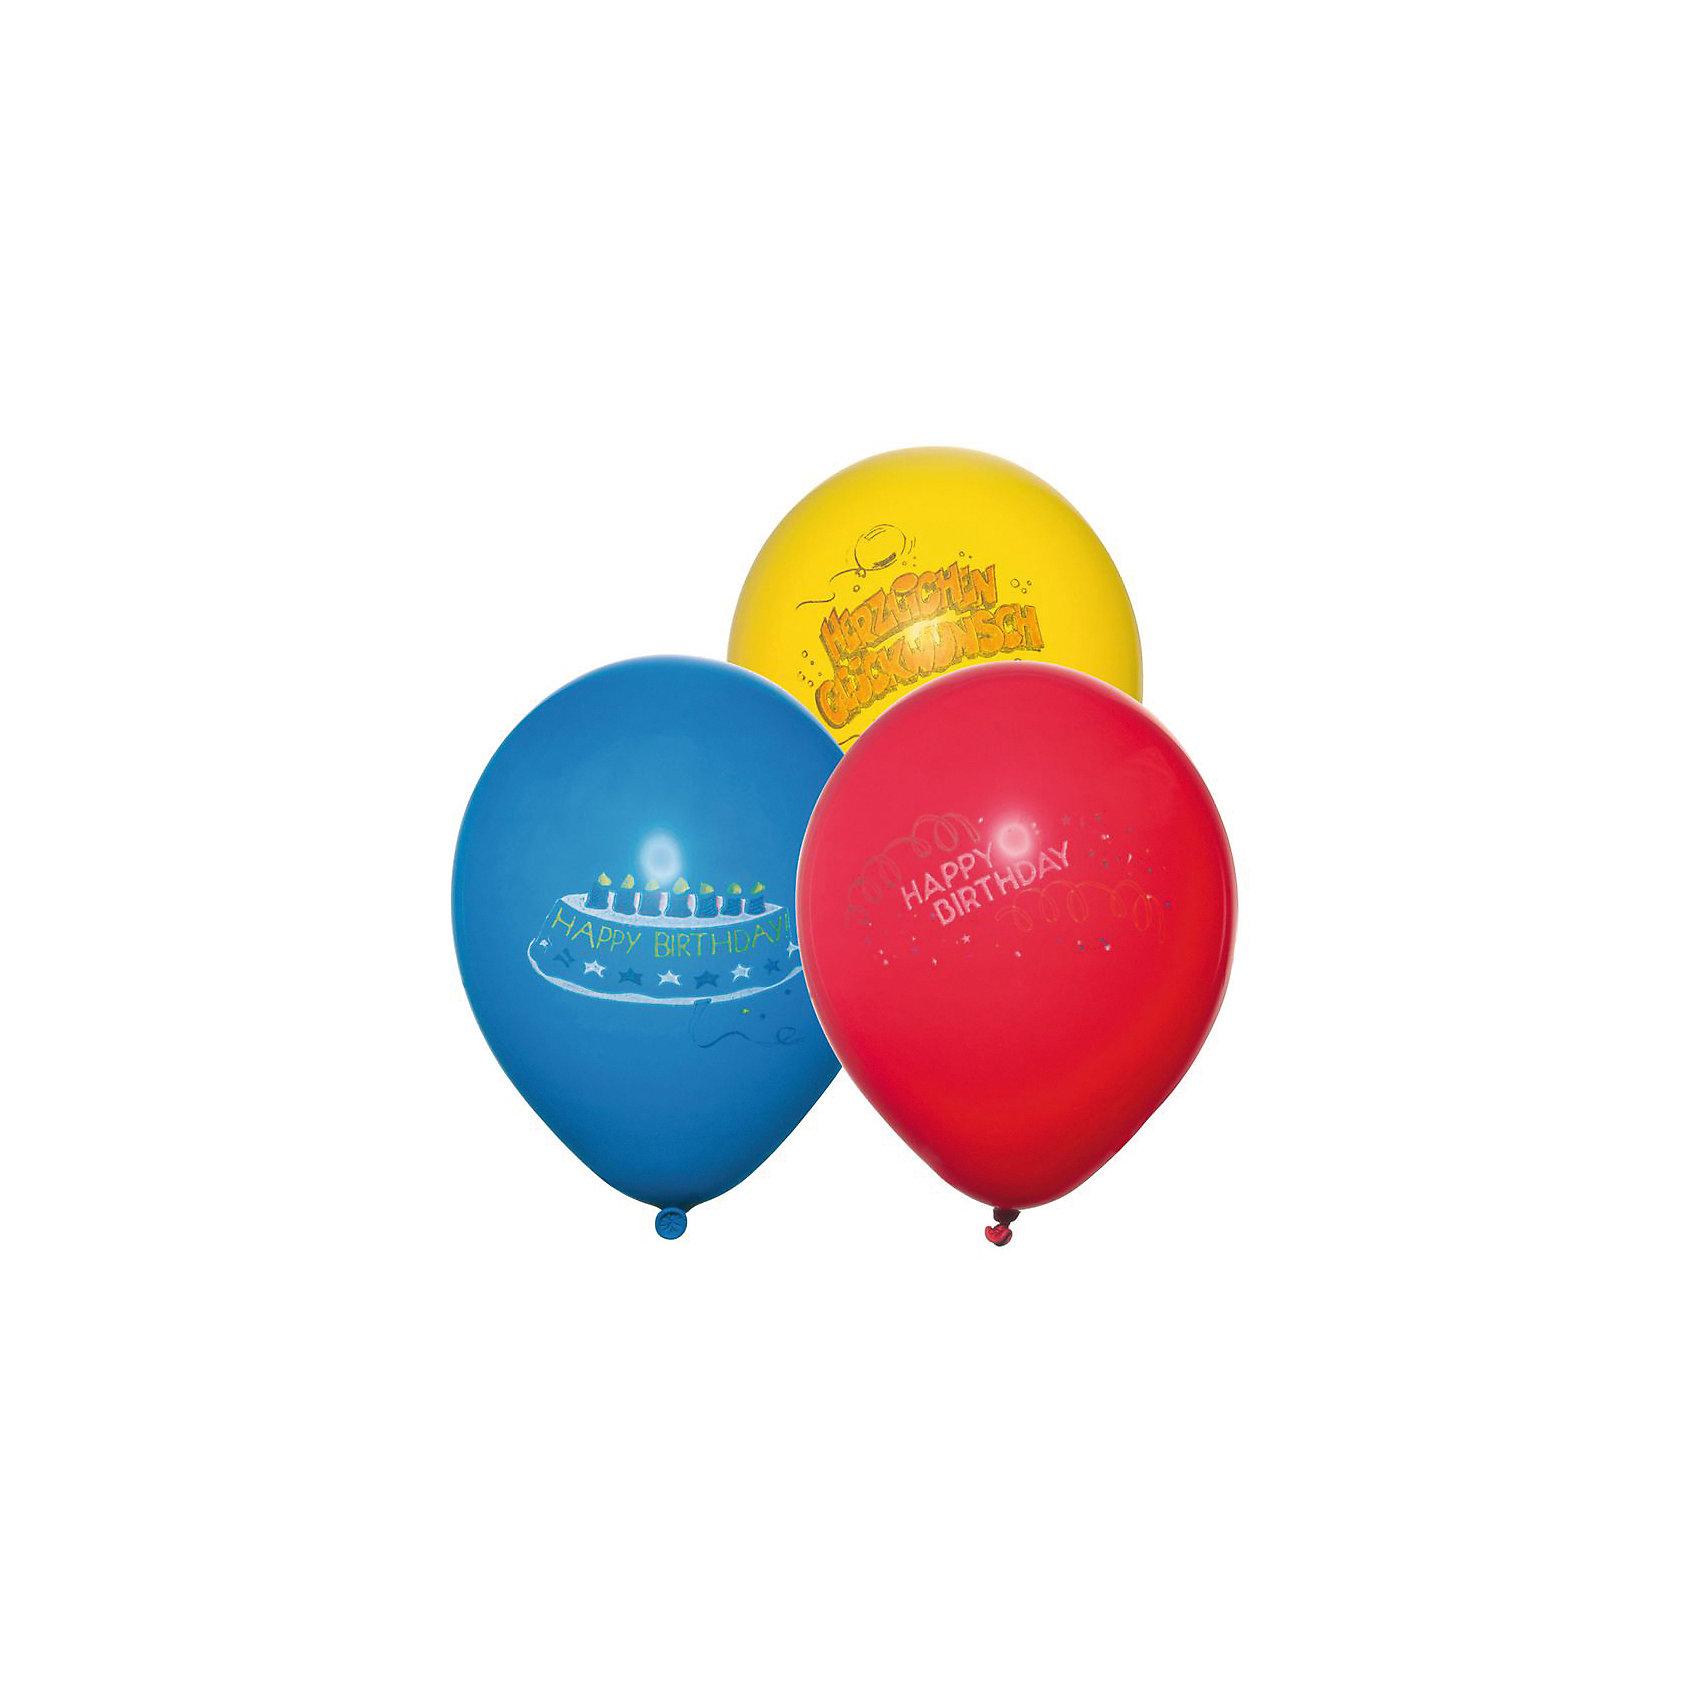 Шары воздушные  Happy Birthday, яркие, 6 штВсё для праздника<br>Характеристики товара:<br><br>• возраст: от 3 лет<br>• цвет: мульти<br>• материал: биоразлагаемый латекс<br>• размер упаковки: 1х13х20 см<br>•  для надувания гелием или воздухом<br>• комплектация: 6 шт<br>• вес: 30 г<br>• страна бренда: Германия<br>• страна изготовитель: Германия<br><br>Яркие воздушные шары добавят красок и создадут атмосферу праздника и поднимут настроение во время вечеринки.<br><br>Изделие произведено из безопасного для детей материала.<br><br>Шары воздушные «Happy Birthday», яркие, 6 шт от бренда Herlitz (Херлиц) можно купить в нашем интернет-магазине.<br><br>Ширина мм: 8<br>Глубина мм: 128<br>Высота мм: 220<br>Вес г: 26<br>Возраст от месяцев: 36<br>Возраст до месяцев: 2147483647<br>Пол: Унисекс<br>Возраст: Детский<br>SKU: 6886507